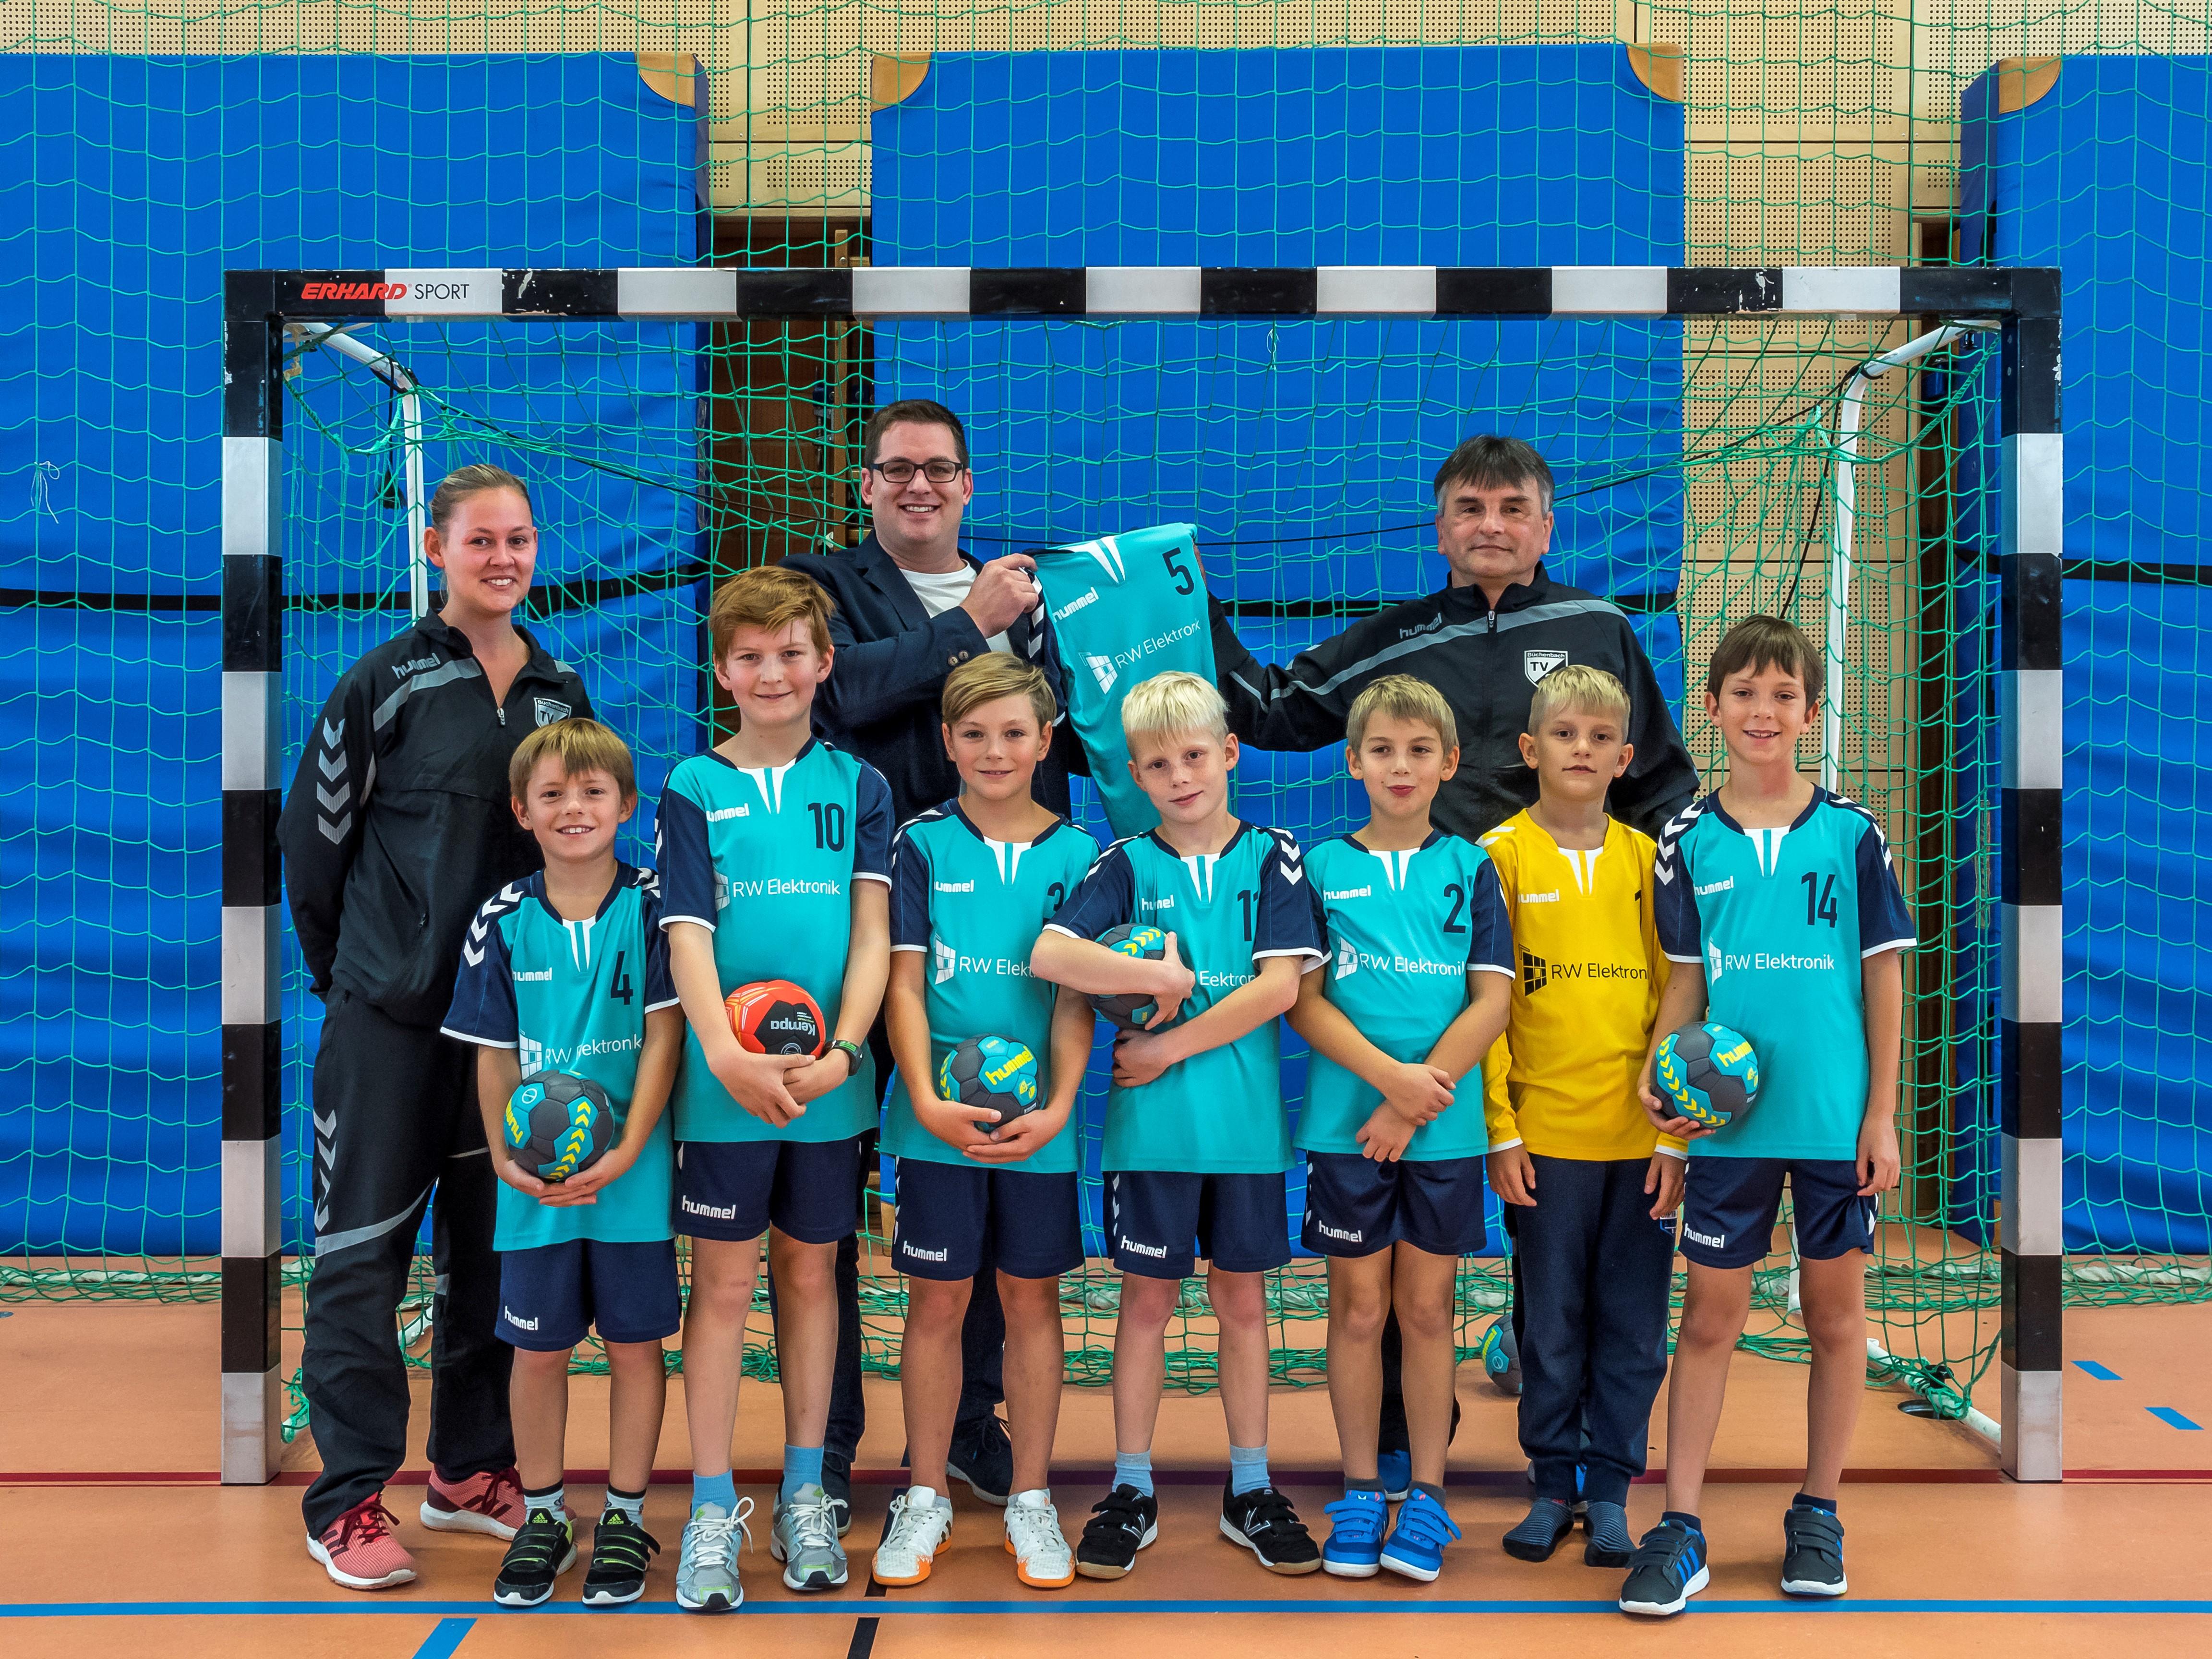 Neue Trikots Für Die Handballmannschaft Des TV 21 Büchenbach E. V.